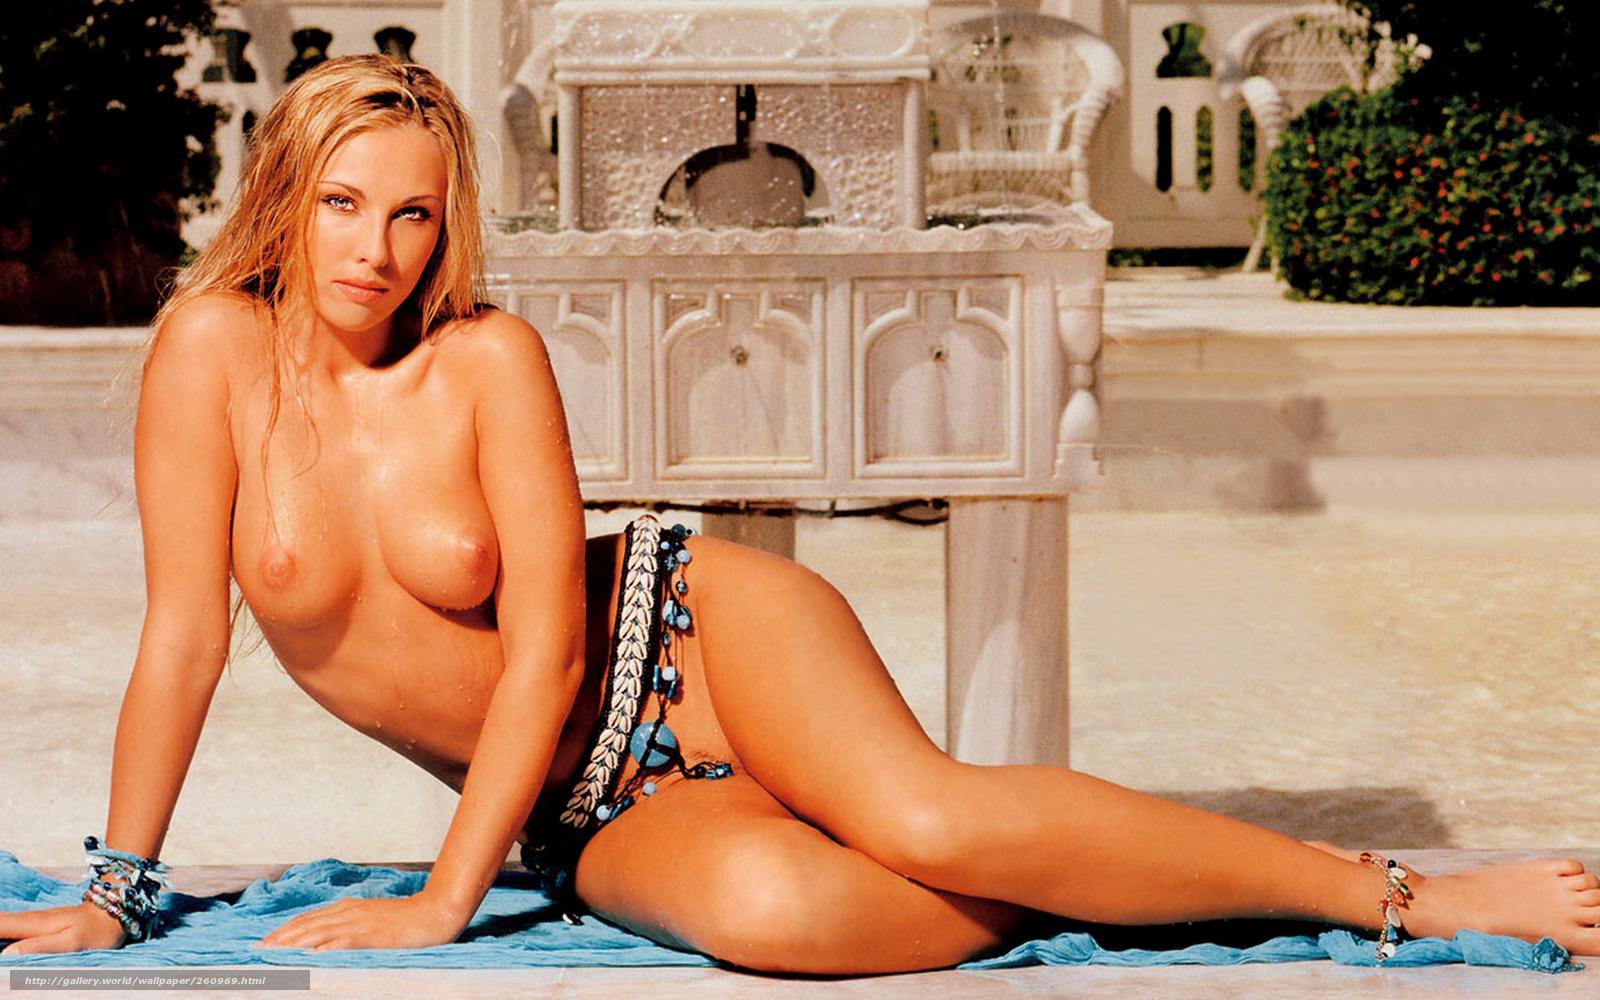 Самая сексуальная фигура в мире голая 13 фотография